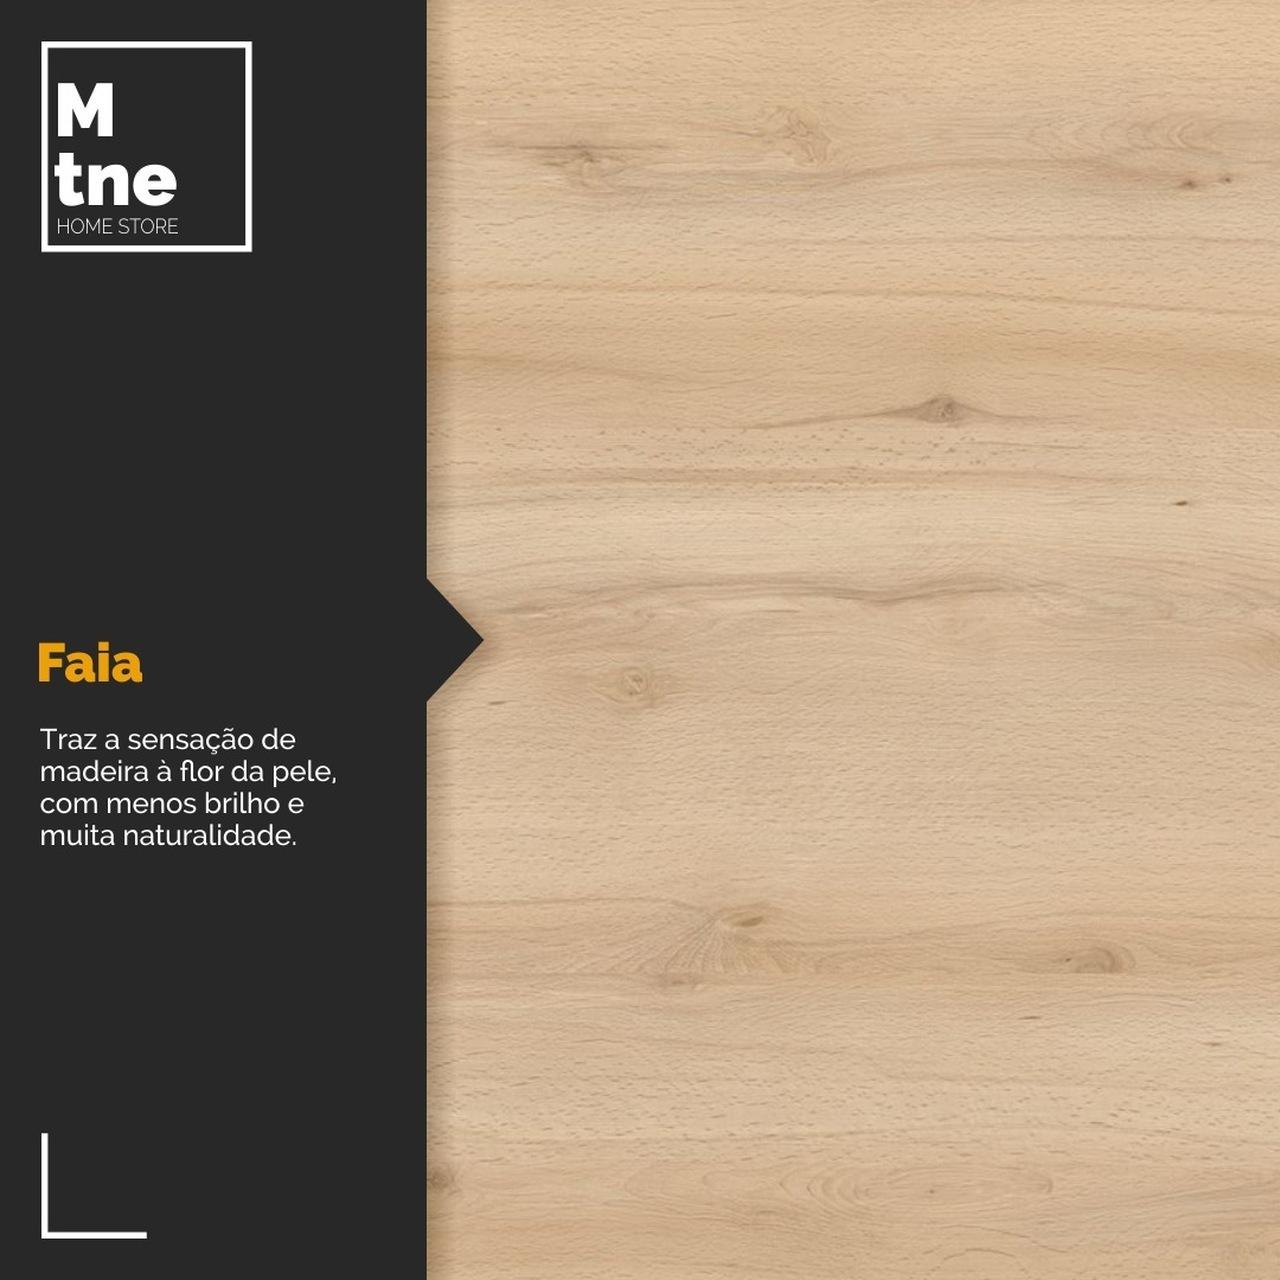 Banco Faia com Squared Legs e Tampo 100% MDF  - Mtne Store